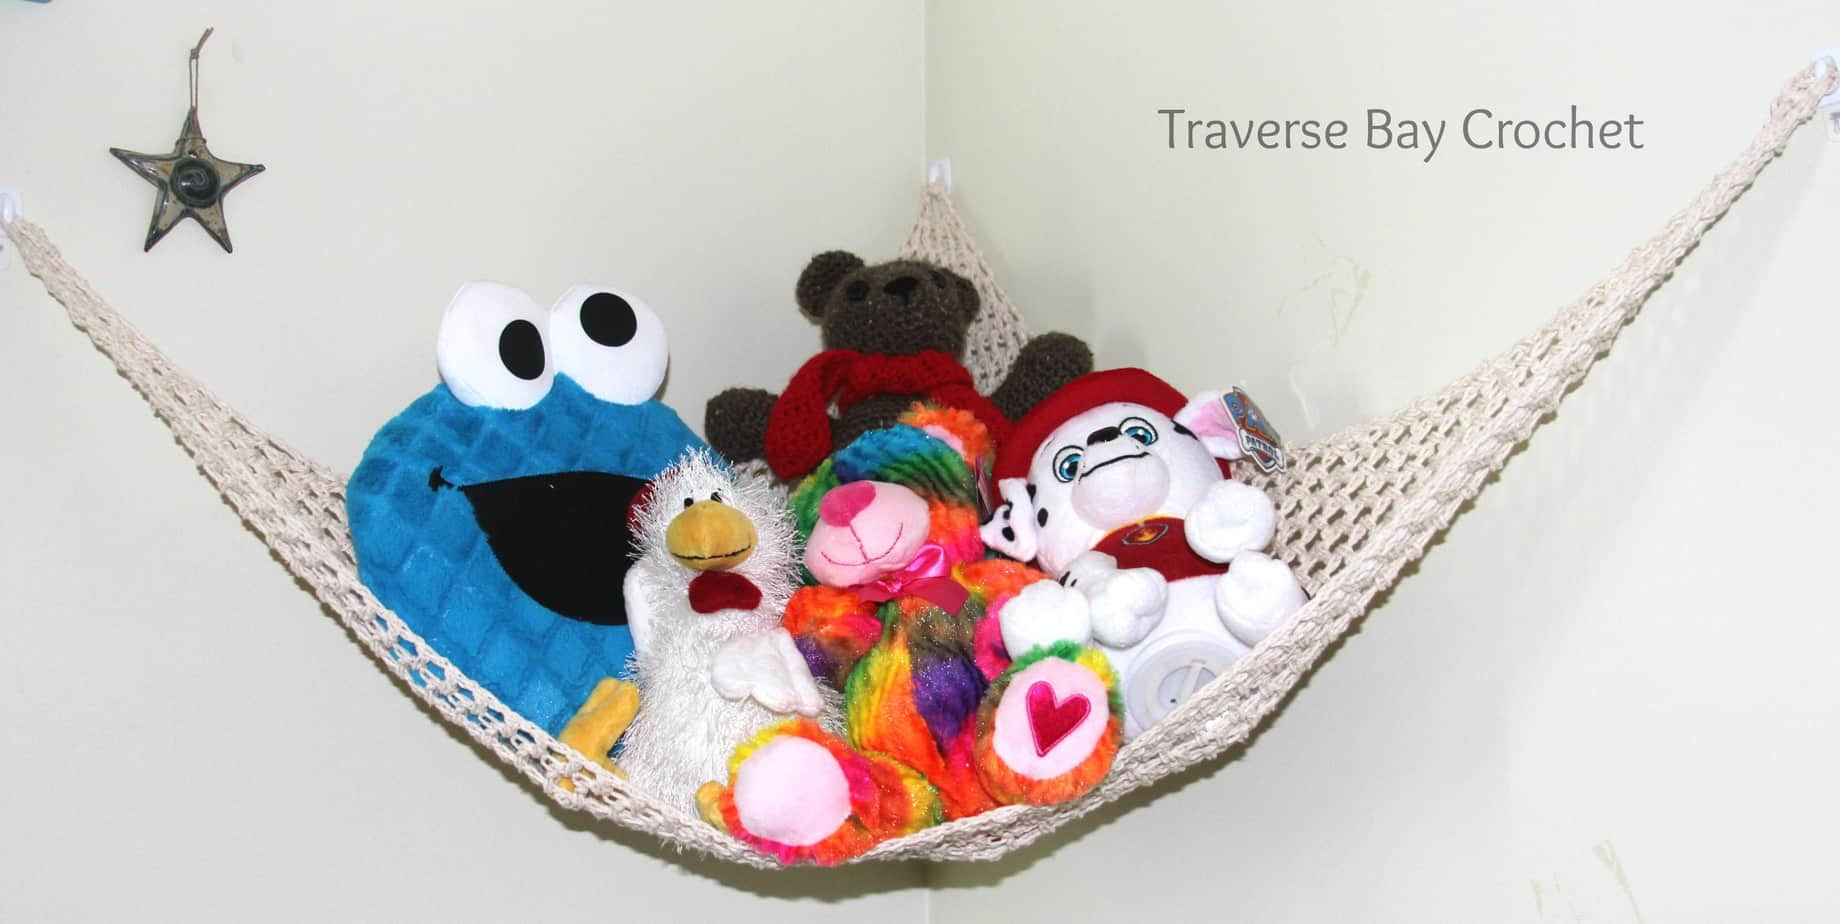 Crochet toy storage net hammock & crochet toy storage hammock |